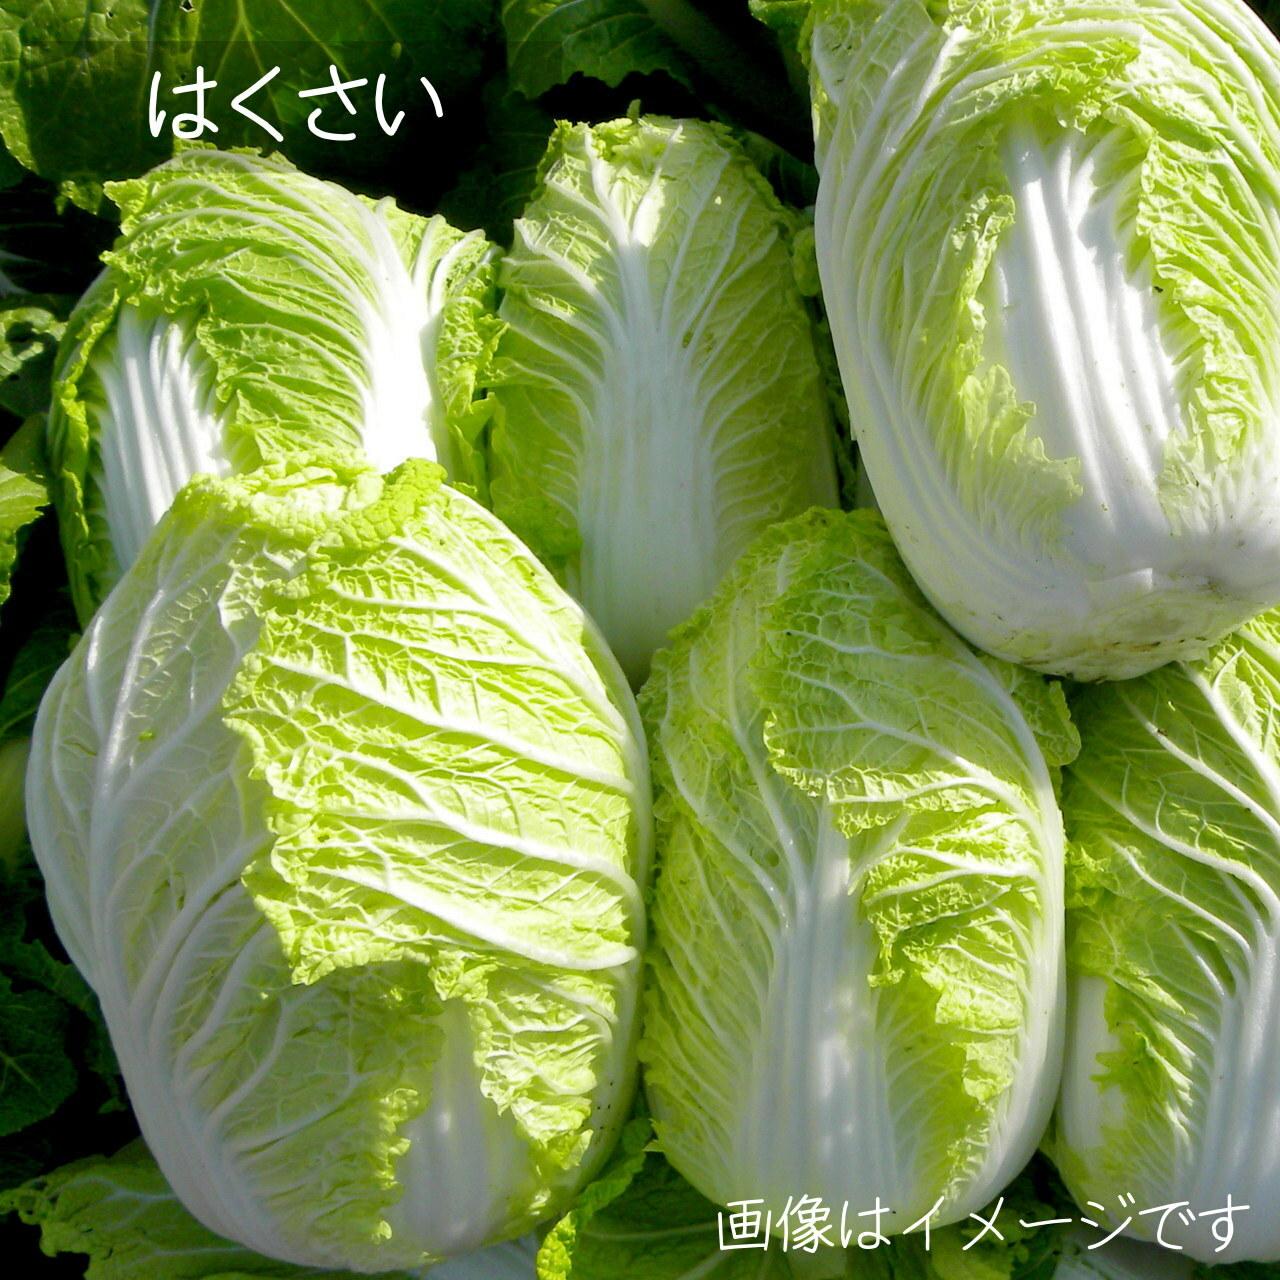 11月の朝採り直売野菜 : 白菜 1個 新鮮な秋野菜 11月16日発送予定